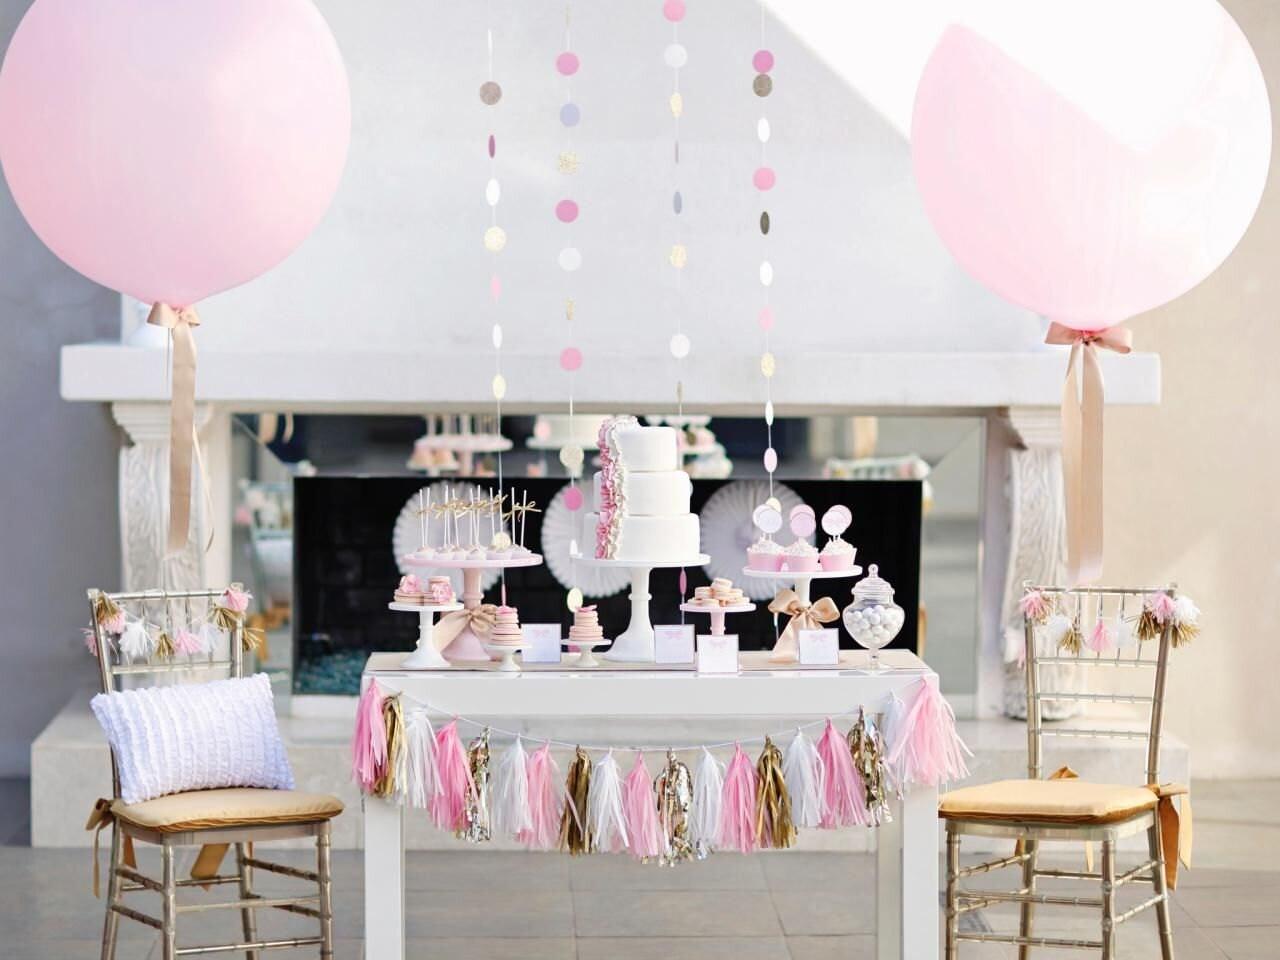 Giant balloon giant 36 balloon round balloons giant for Wedding shower balloons